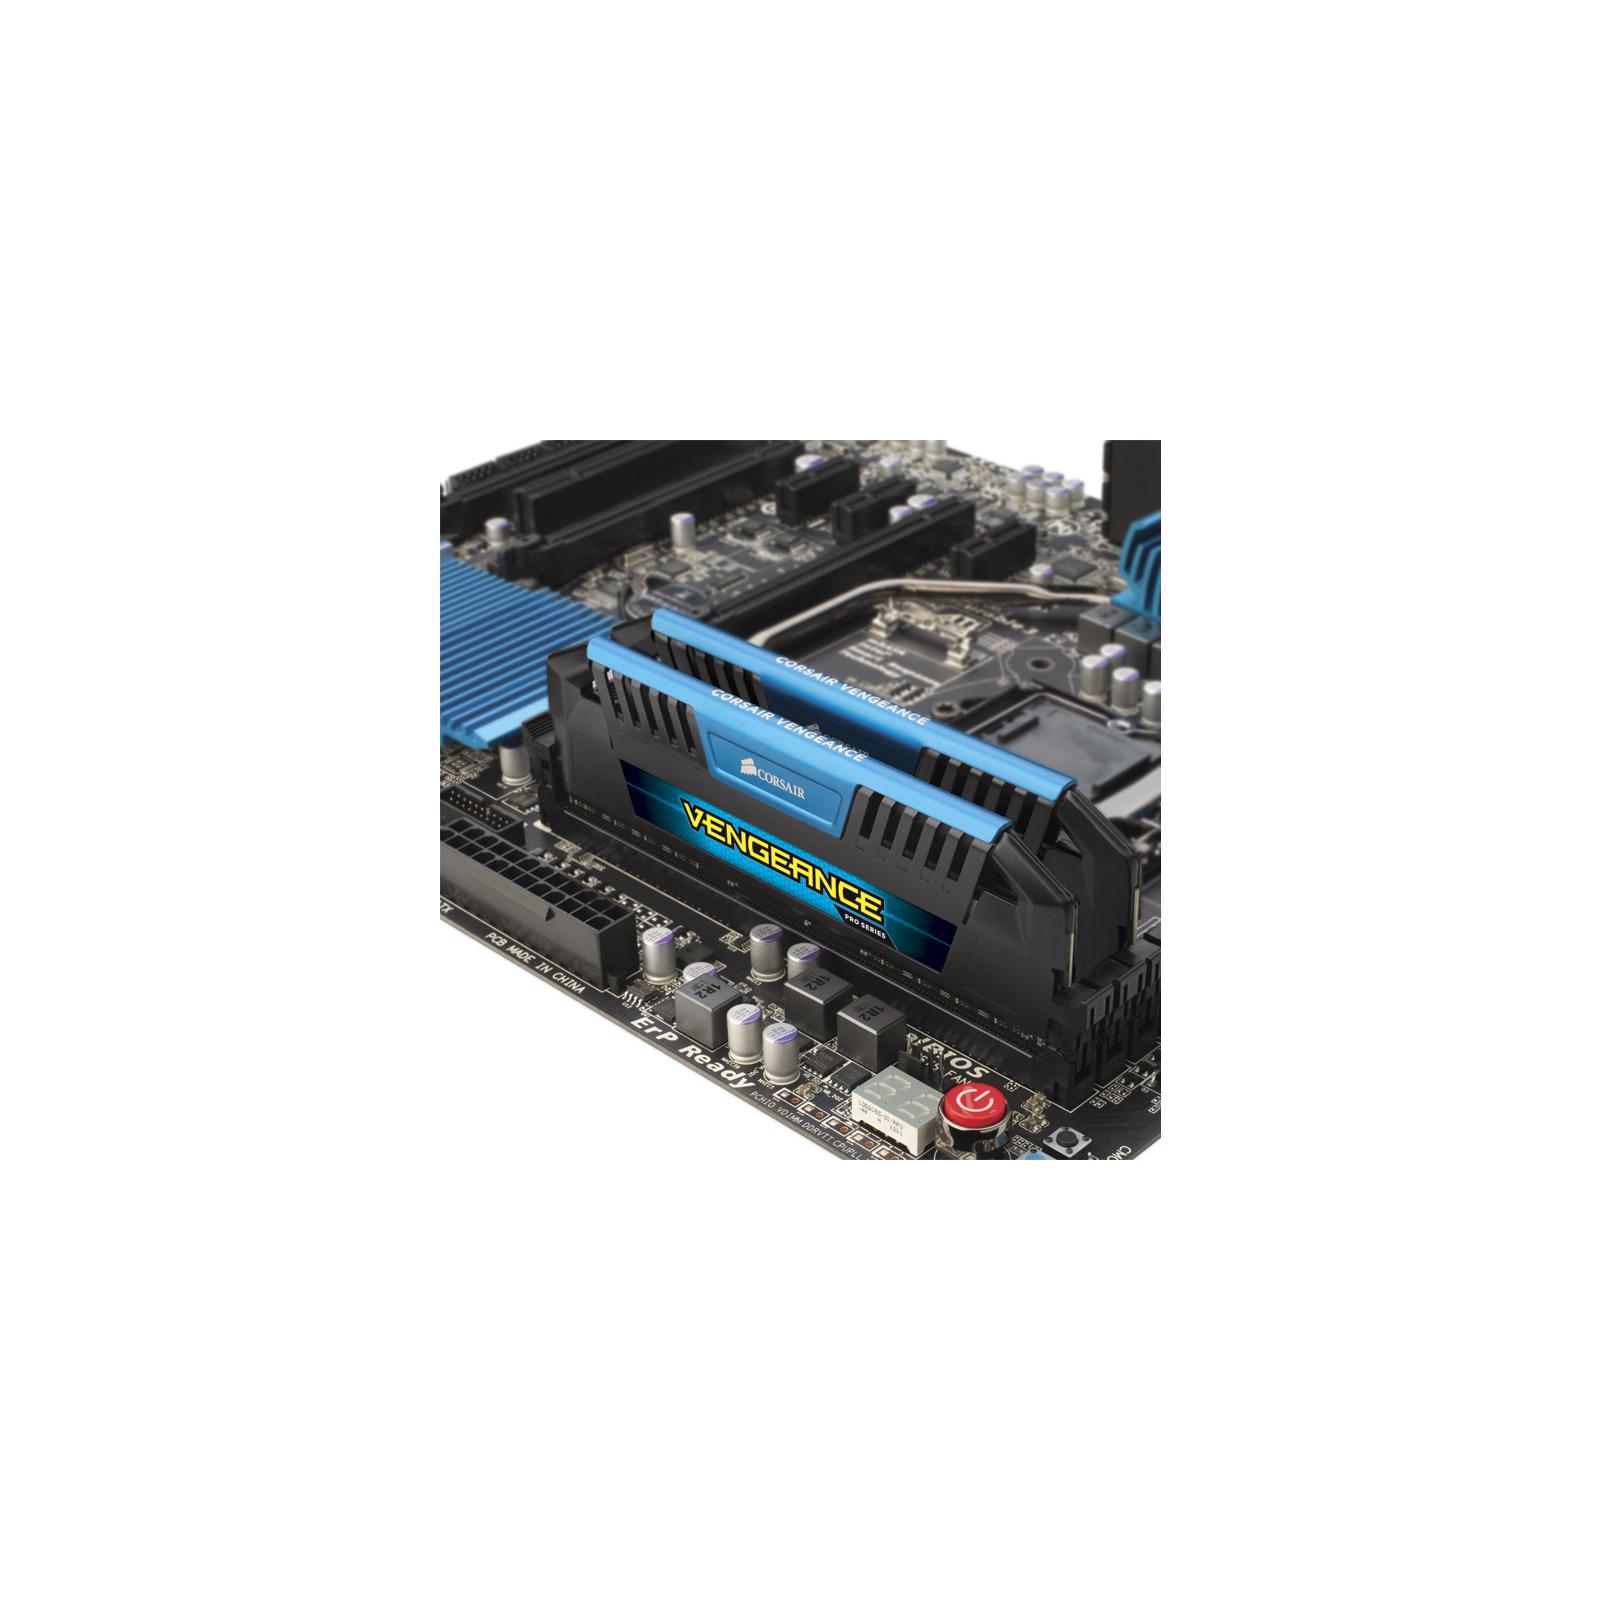 Модуль памяти для компьютера DDR3 8GB (2x4GB) 1866 MHz CORSAIR (CMY8GX3M2A1866C9B) изображение 2